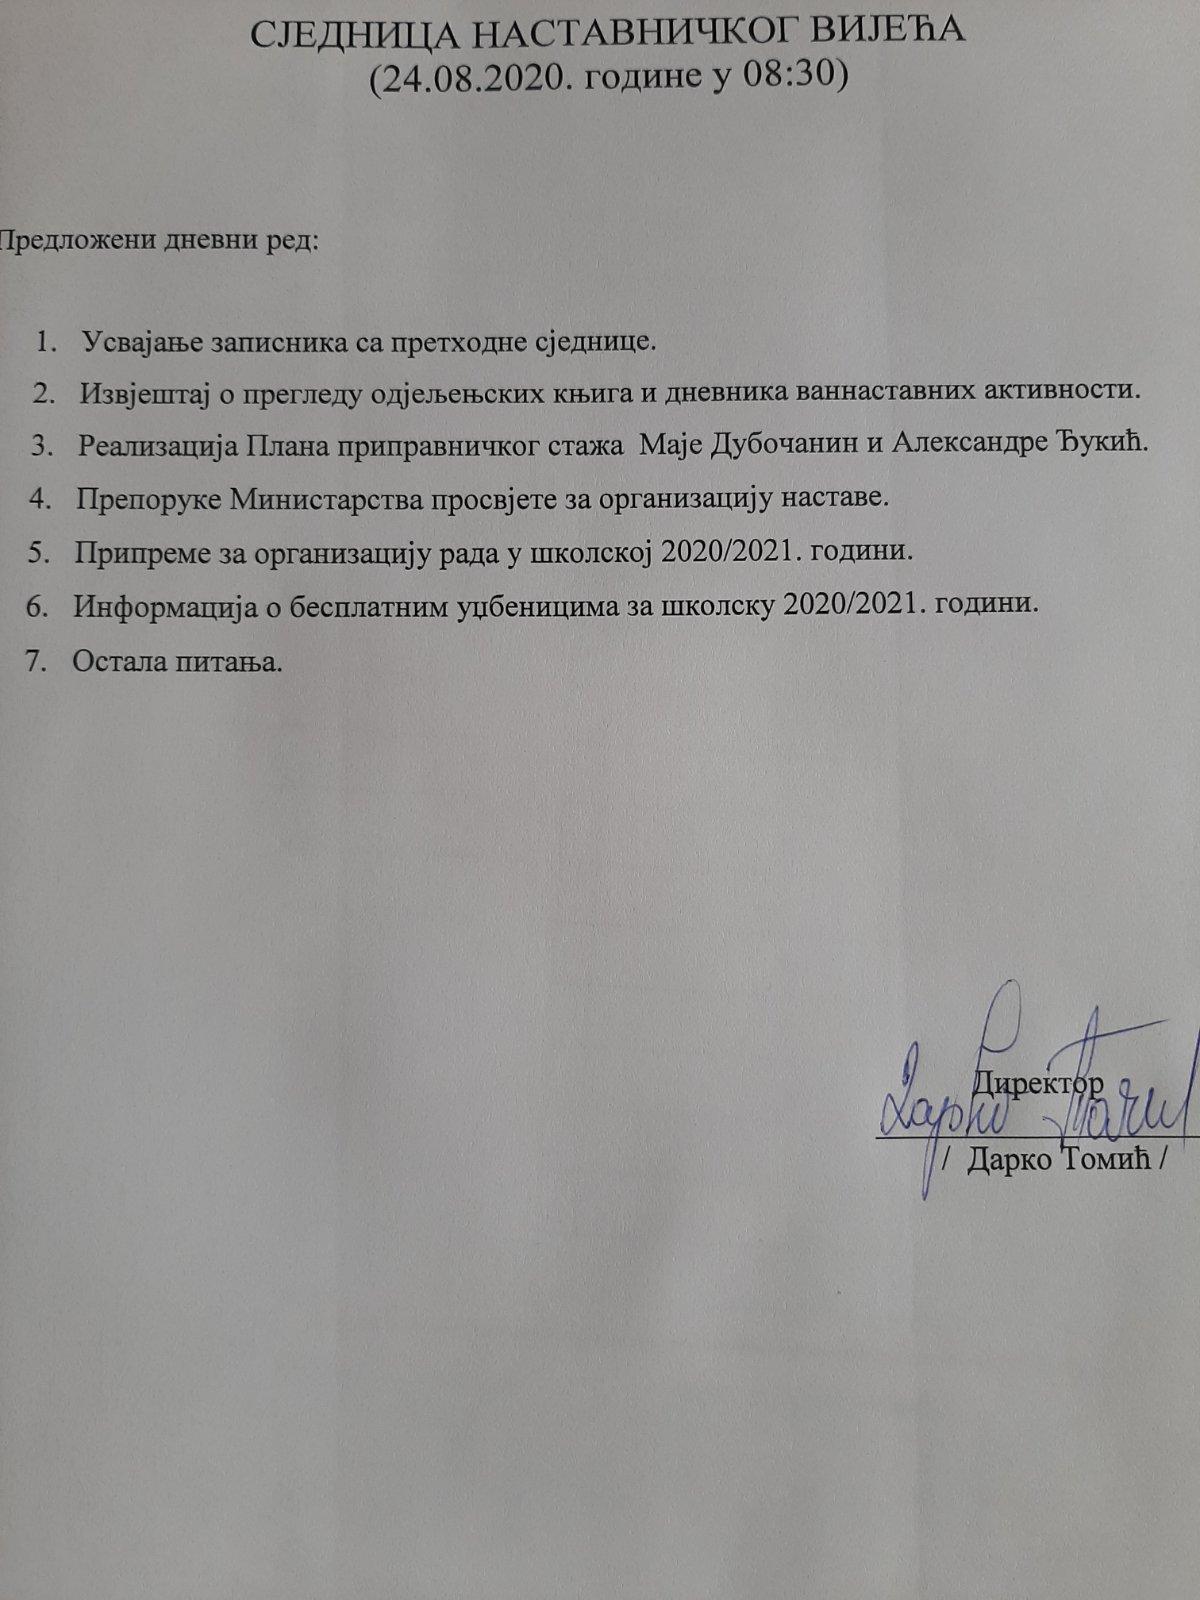 Сједница Наставницког 24.8.2020.